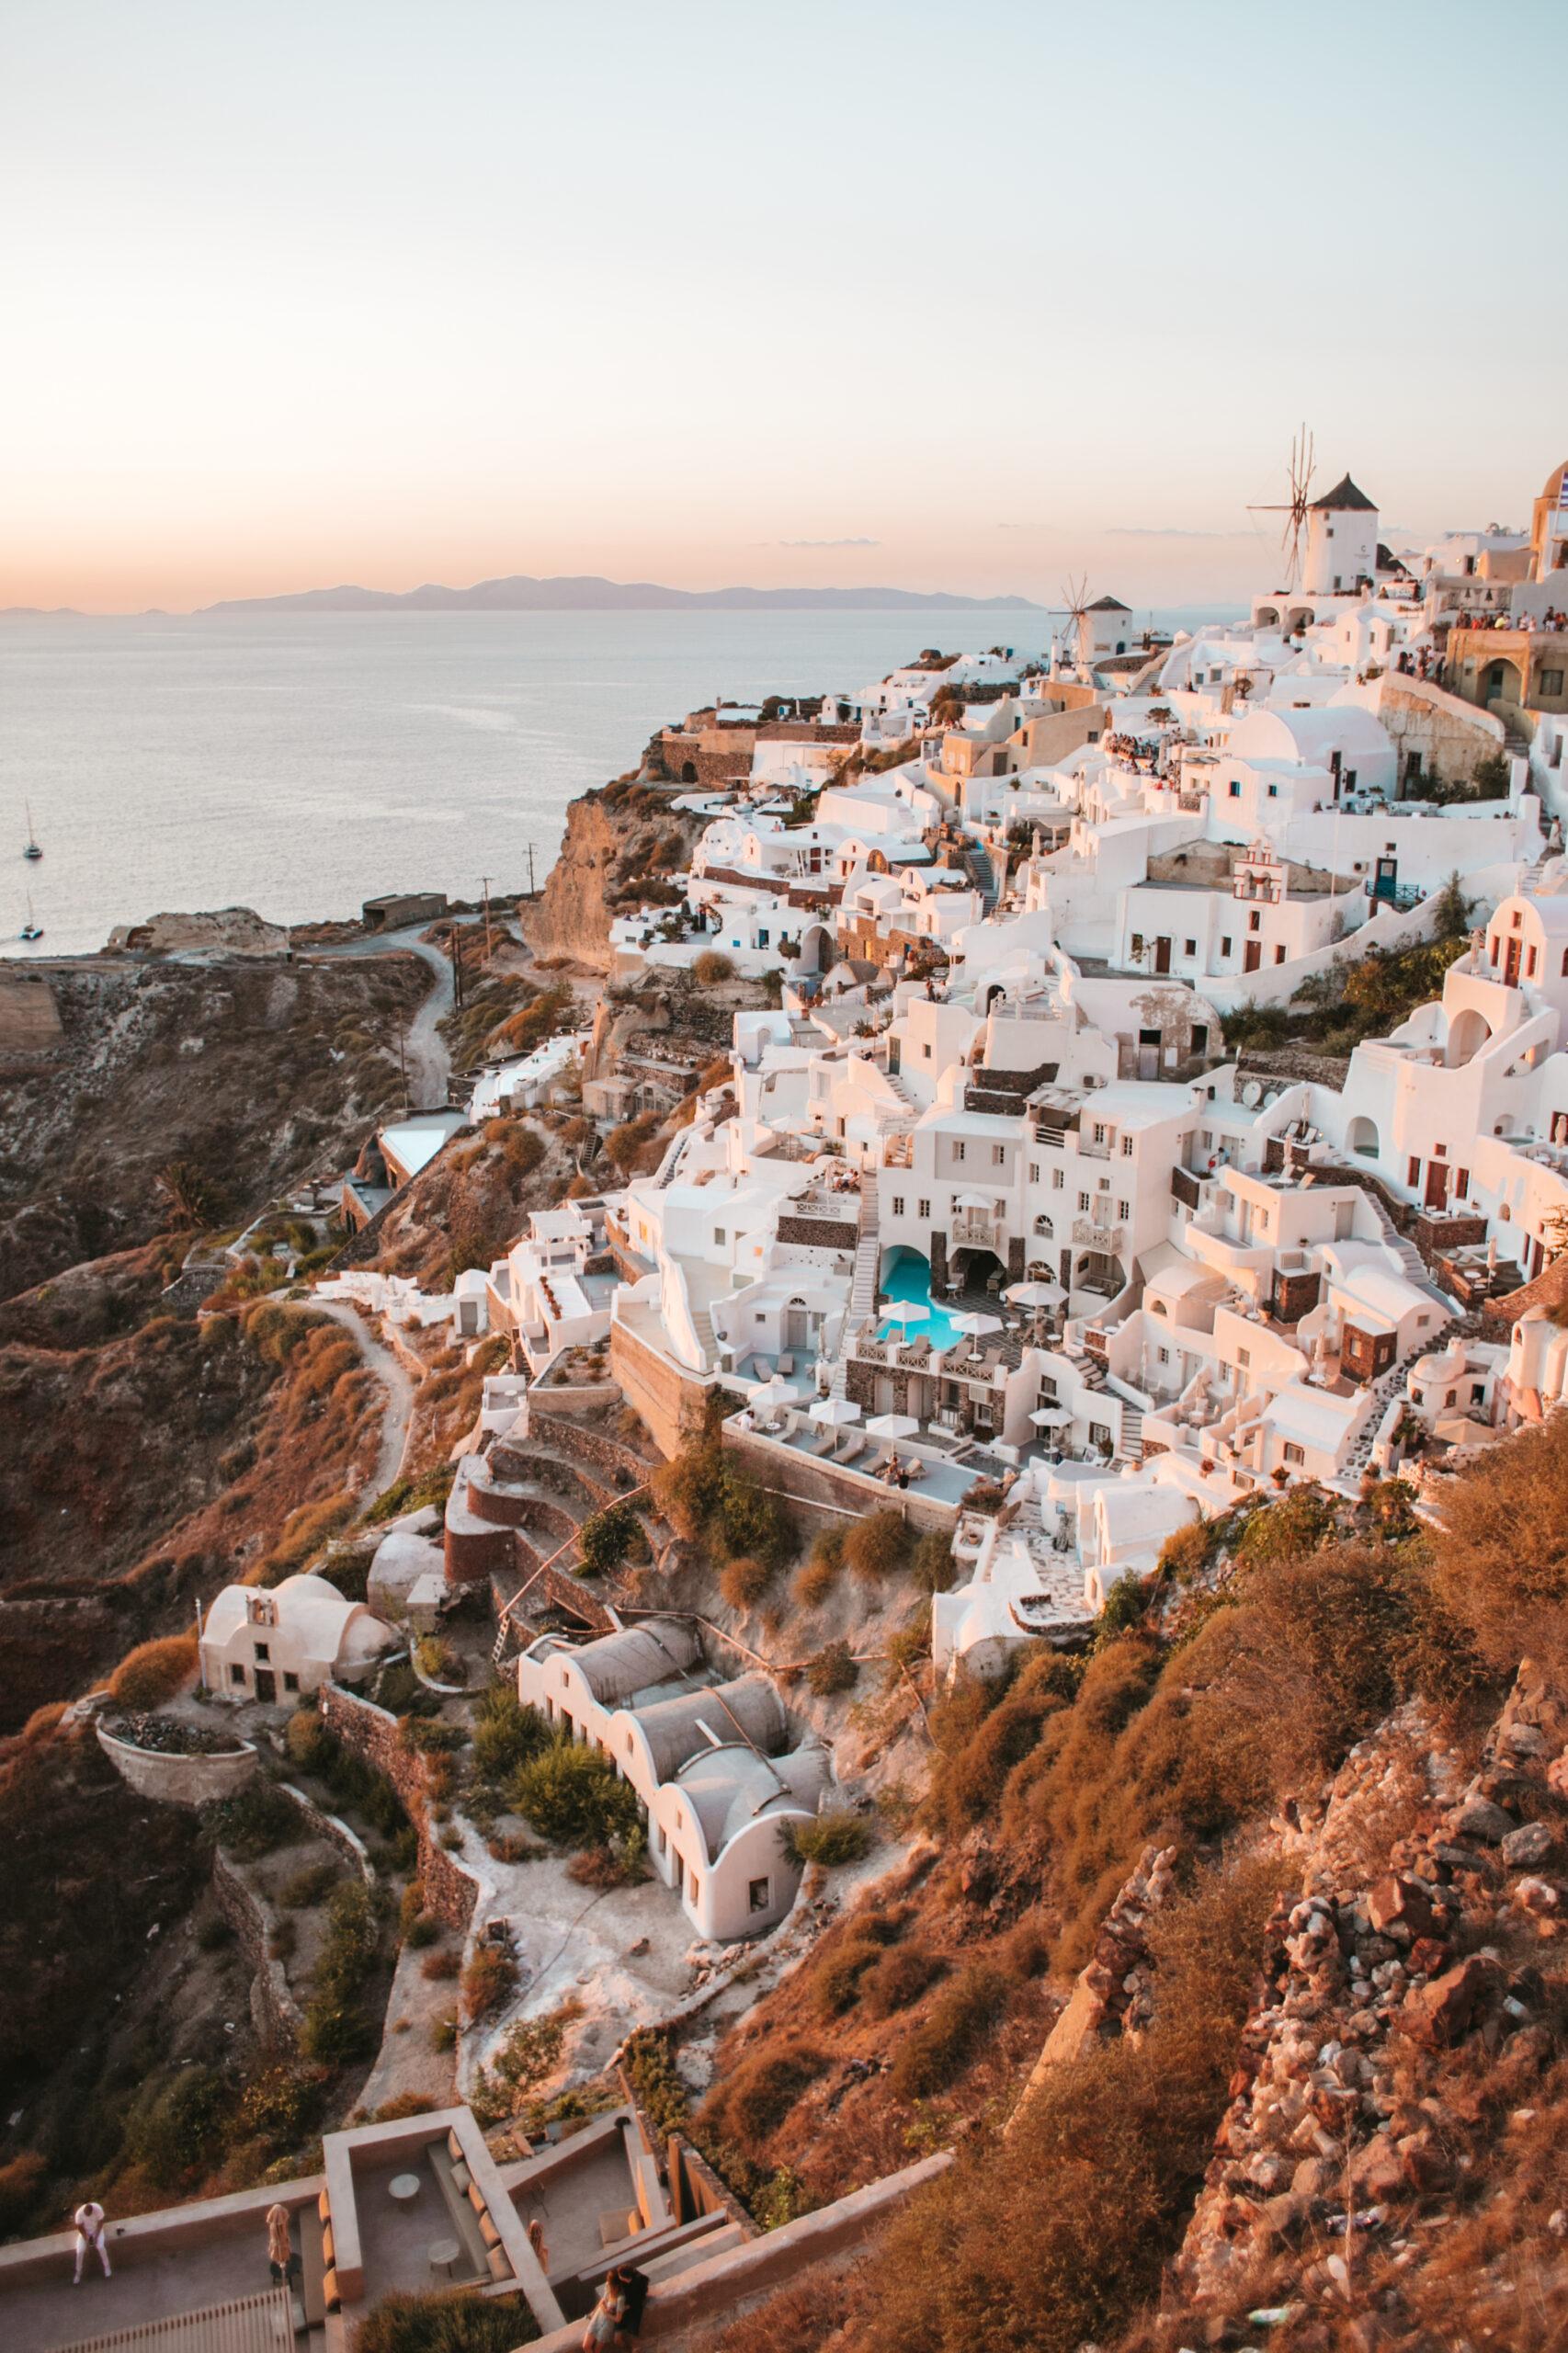 Oia zachód słońca, Santorini domki, domy w zachodzącym słońcu, pejzaż, widok